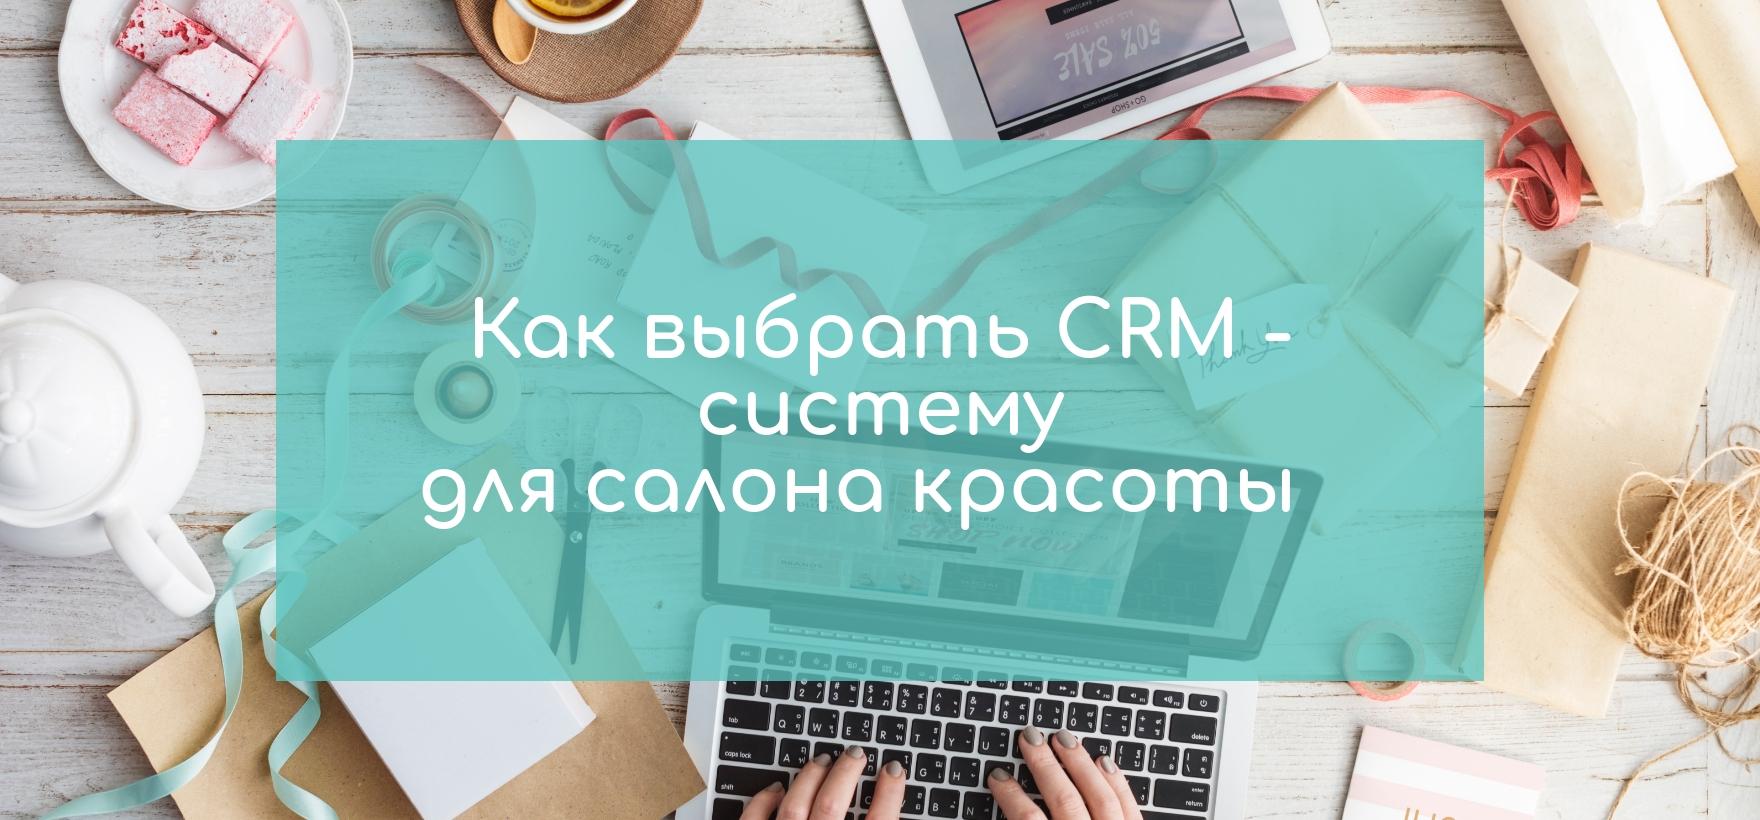 Секреты воспитания постоянных клиентов: как выбрать CRM-систему для салона красоты